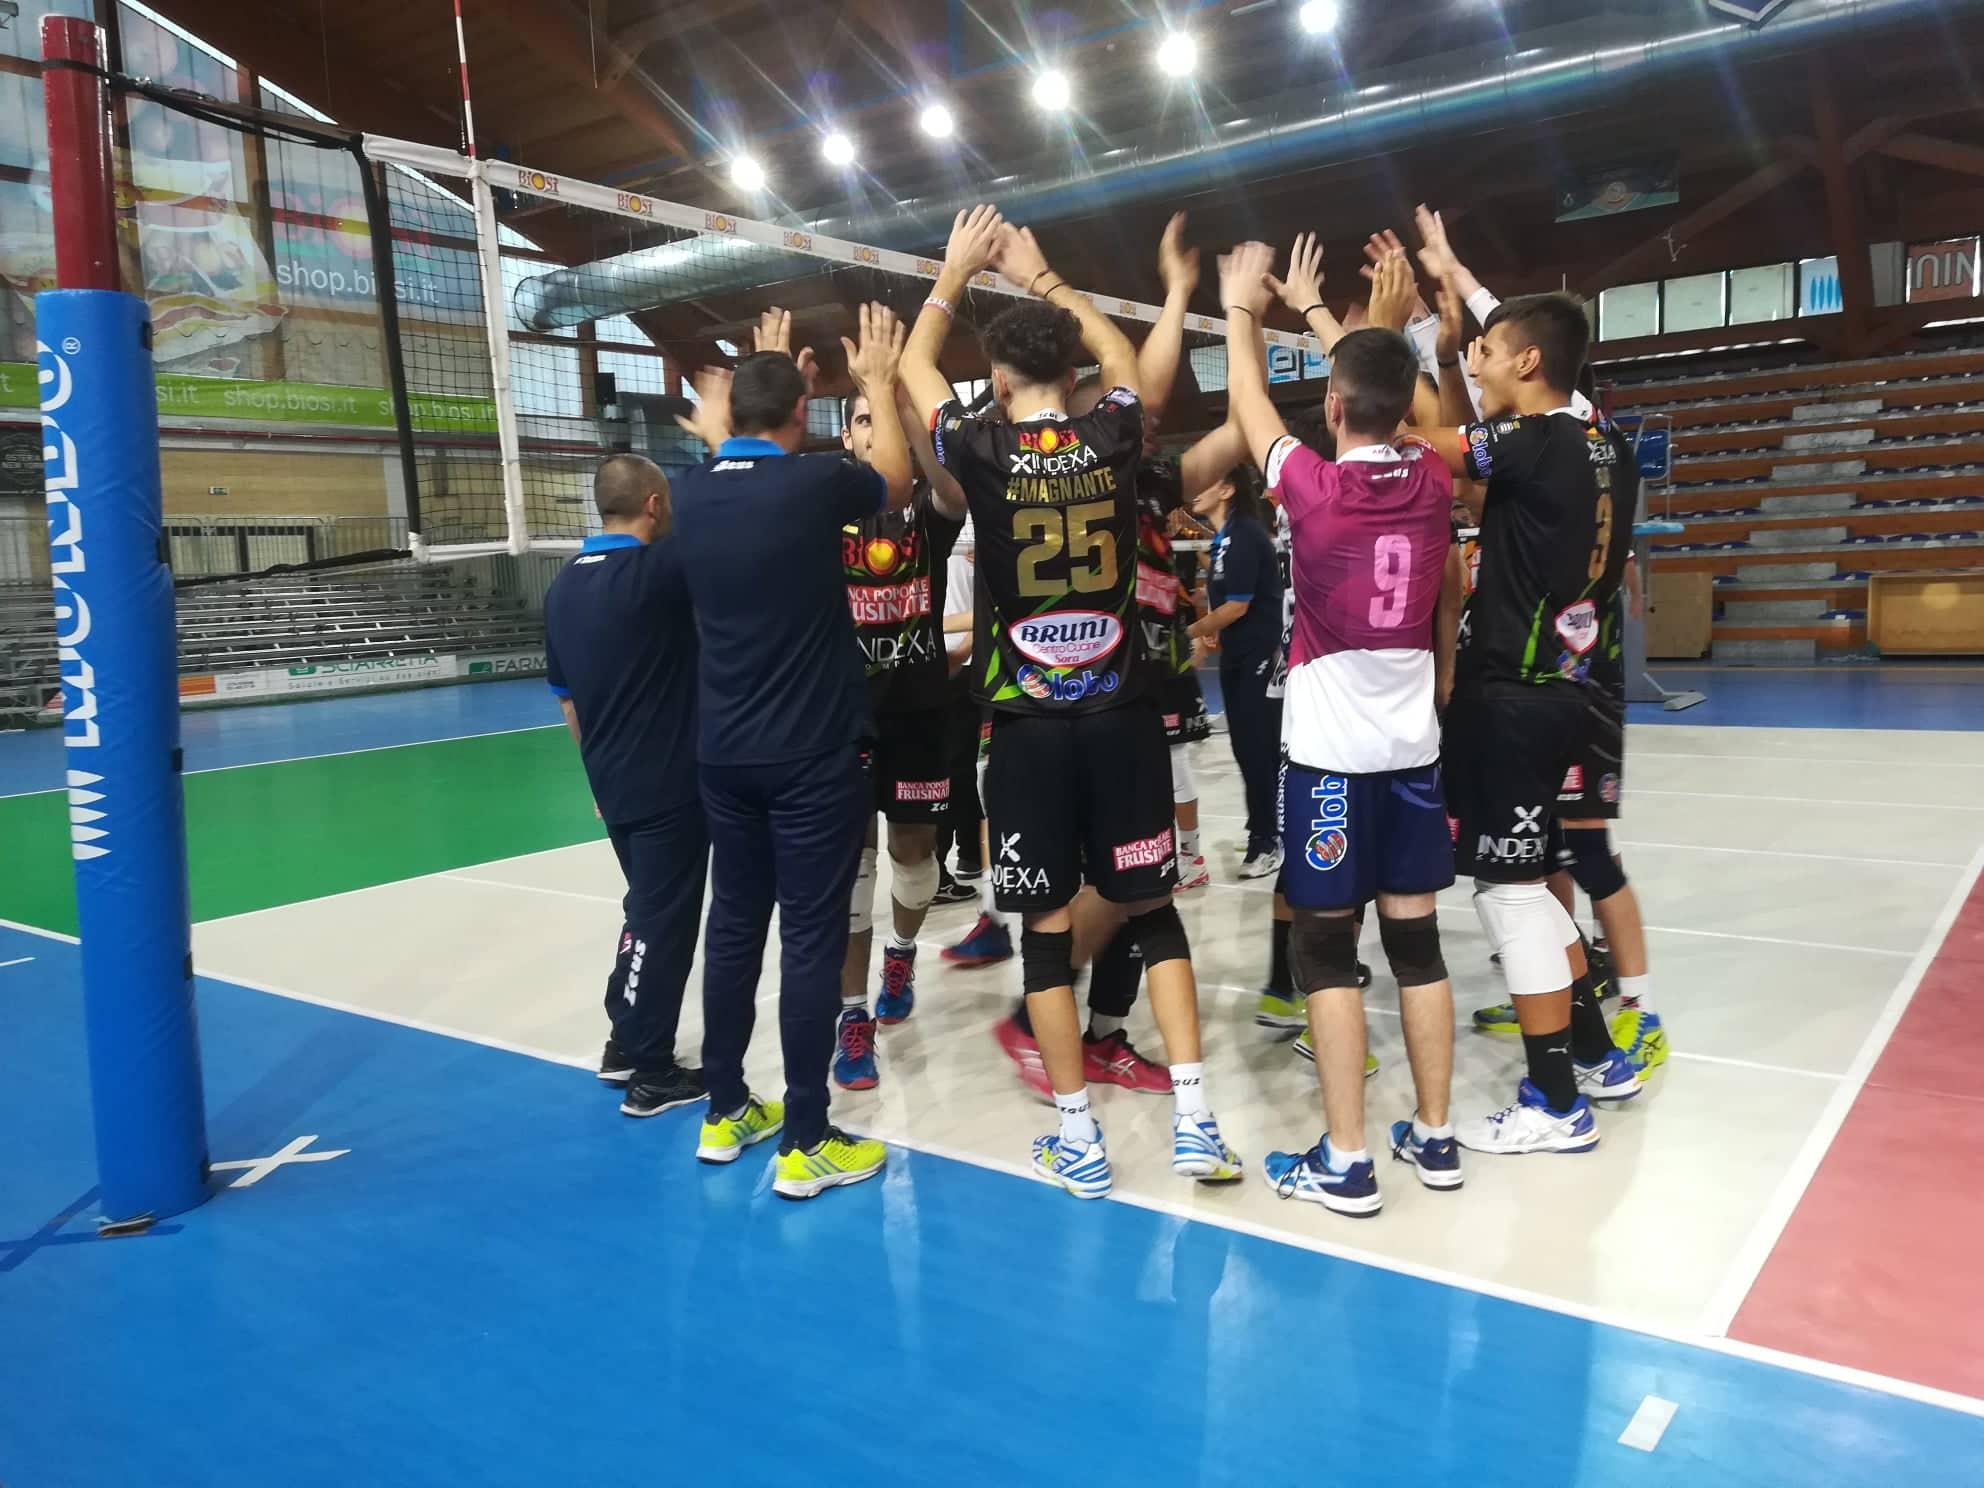 Serie C argos volley